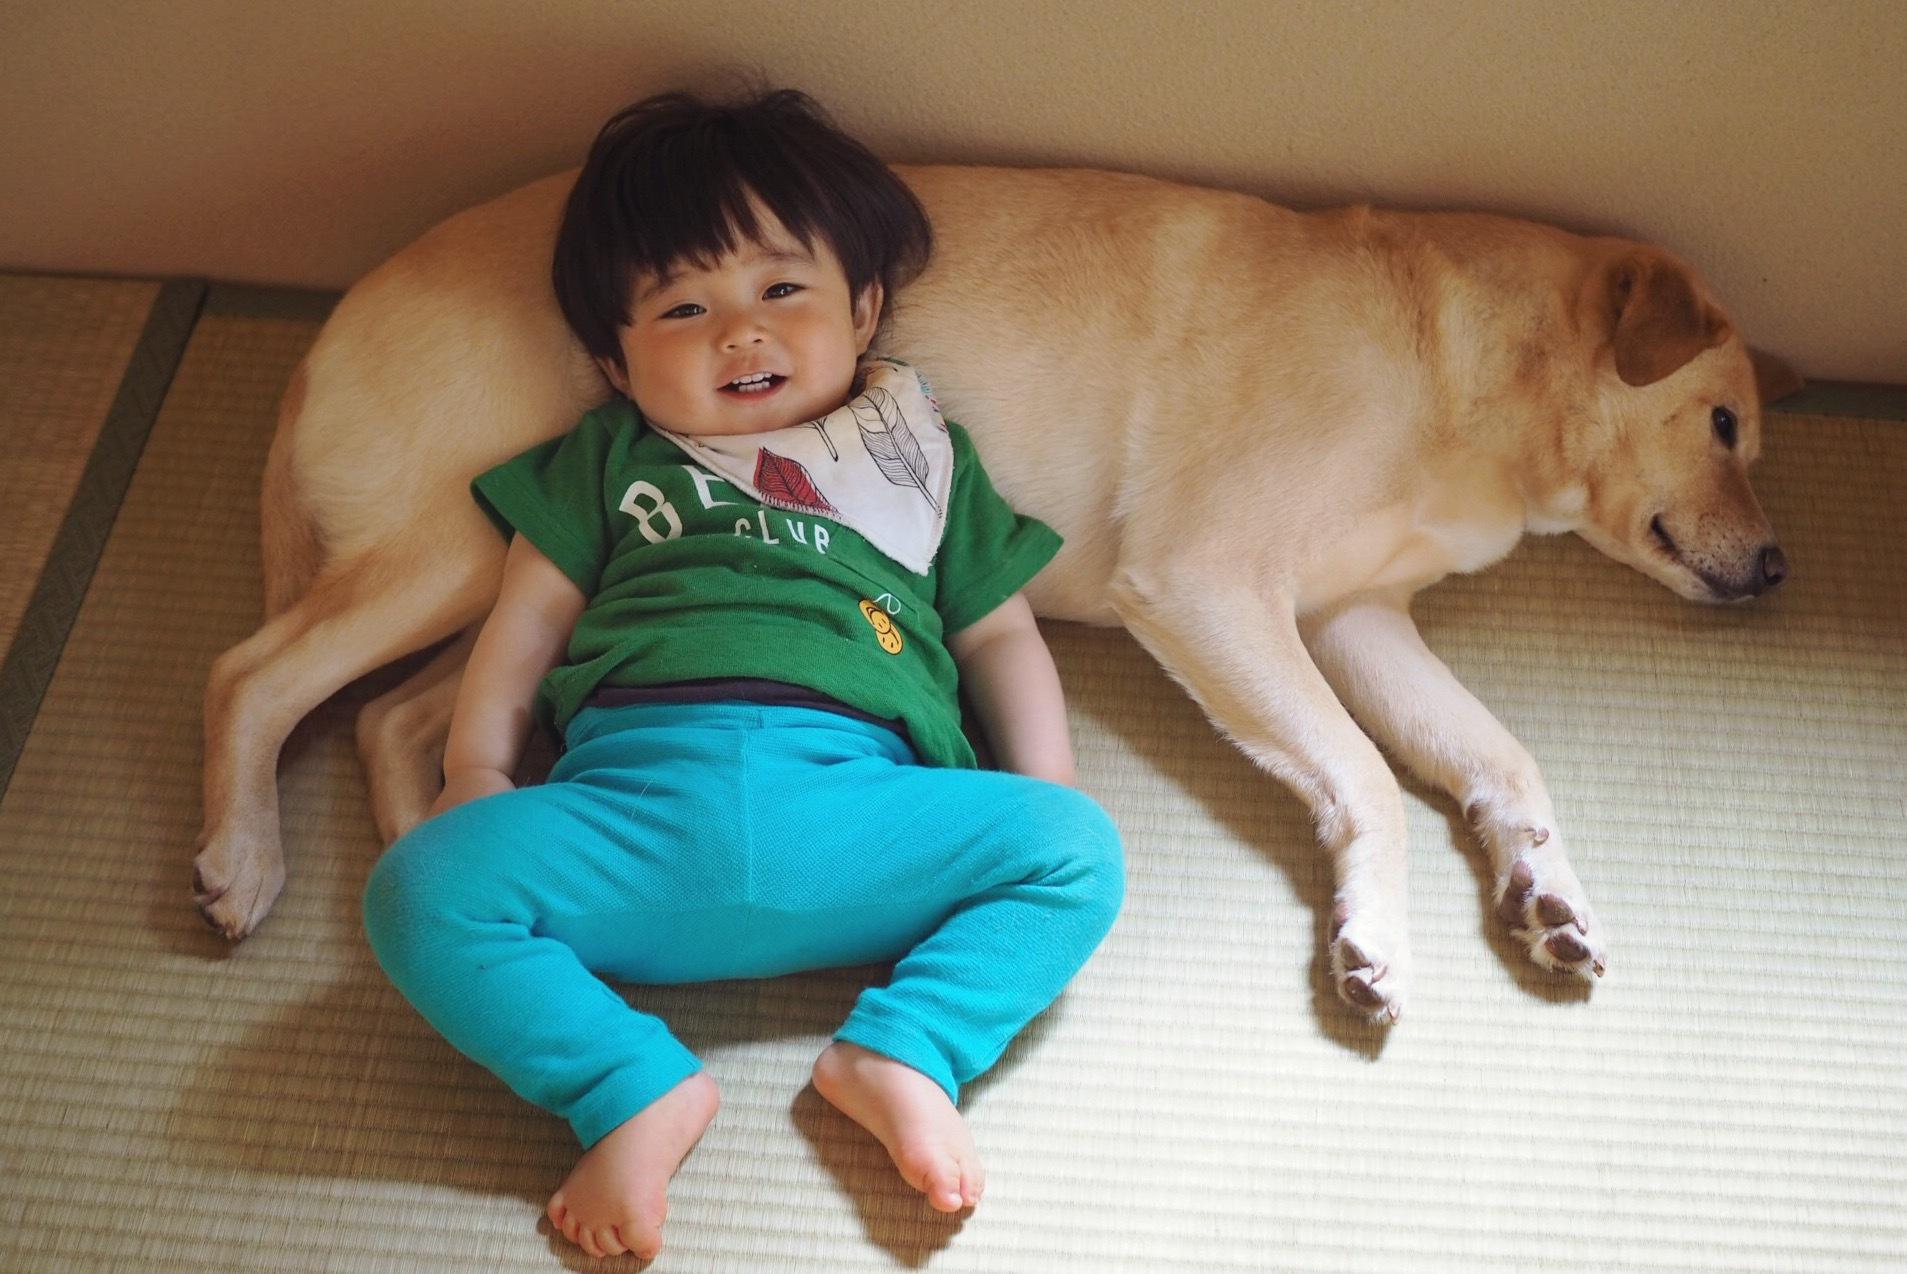 赤ちゃんと犬 赤ちゃんと大型犬 子供と大型犬 仲良し